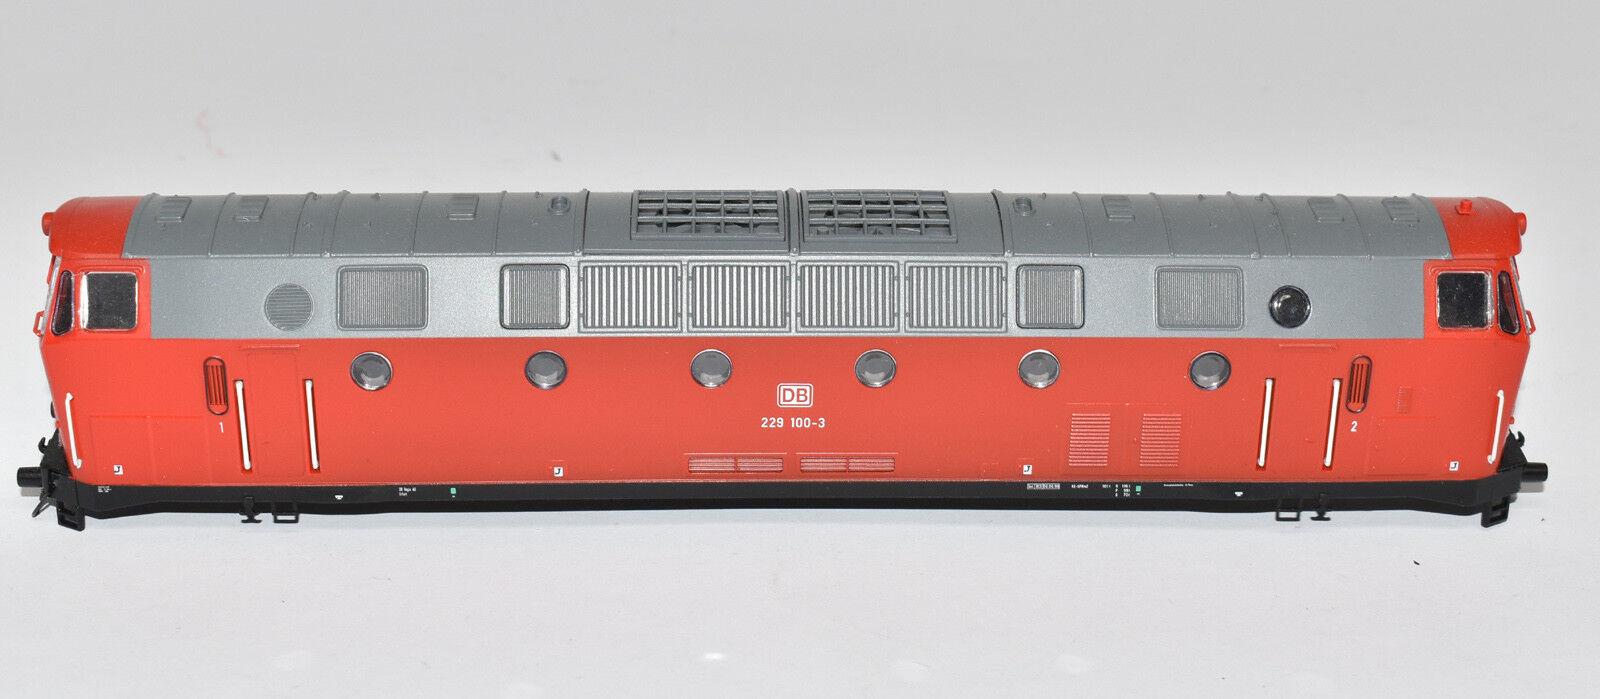 Gützold H0 Gehäuse   Lokaufbau für BR 229 100-3 100-3 100-3 in rot DB AG NEU (36330) U-Stiefel  | Auktion  807f9c